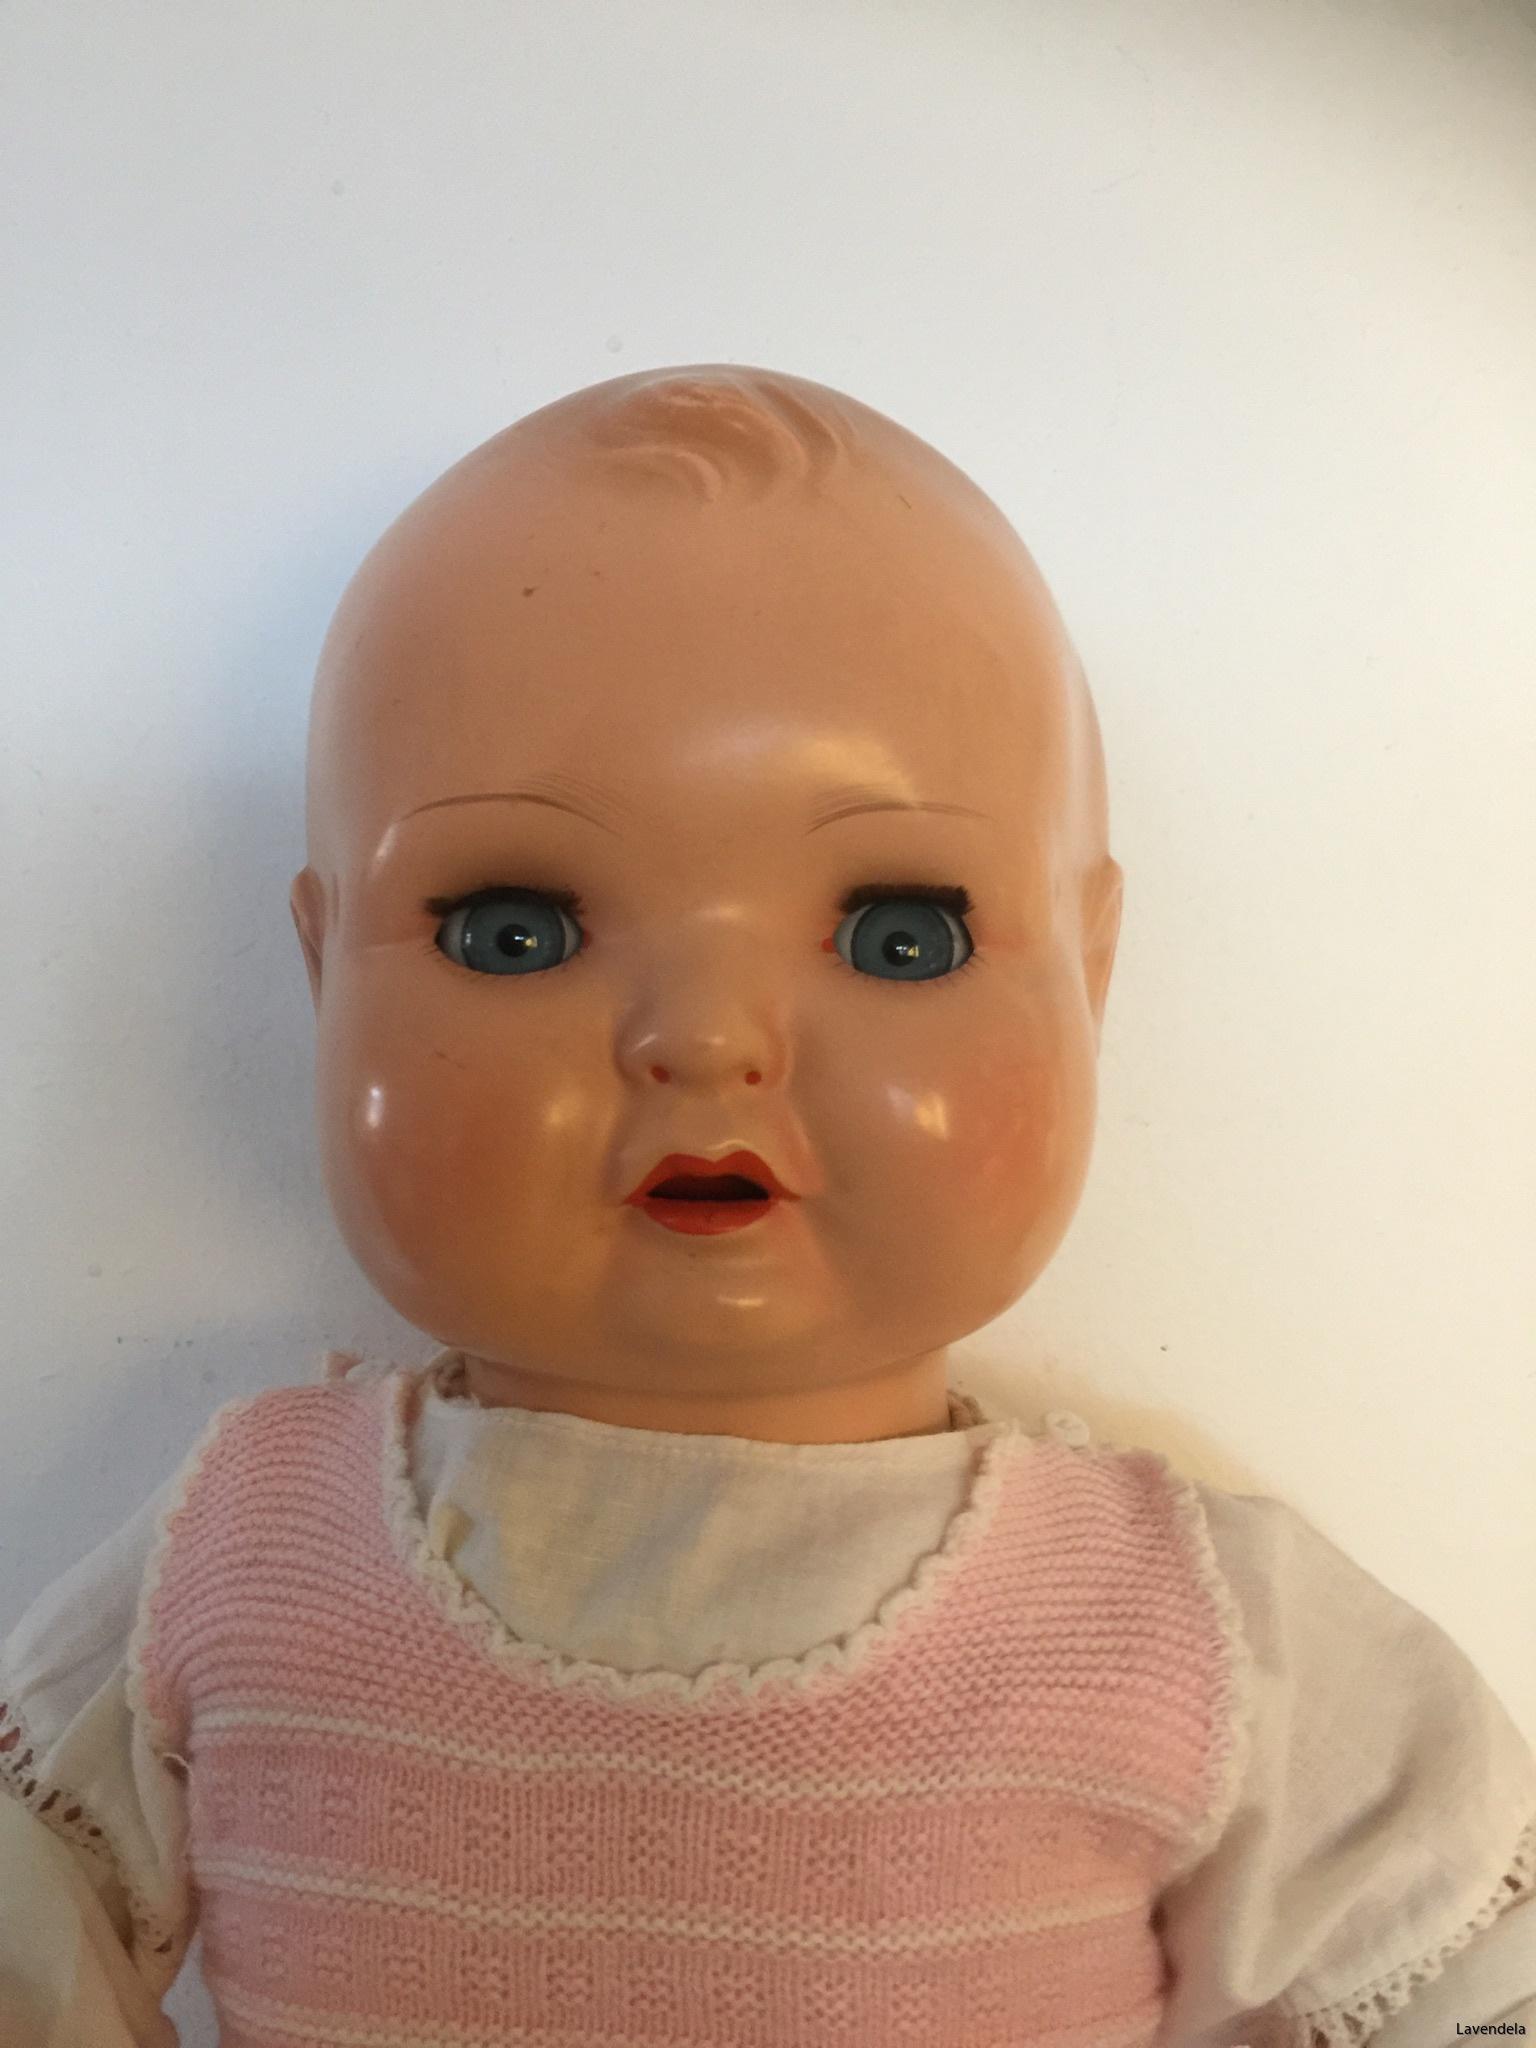 Det här är en äldre docka